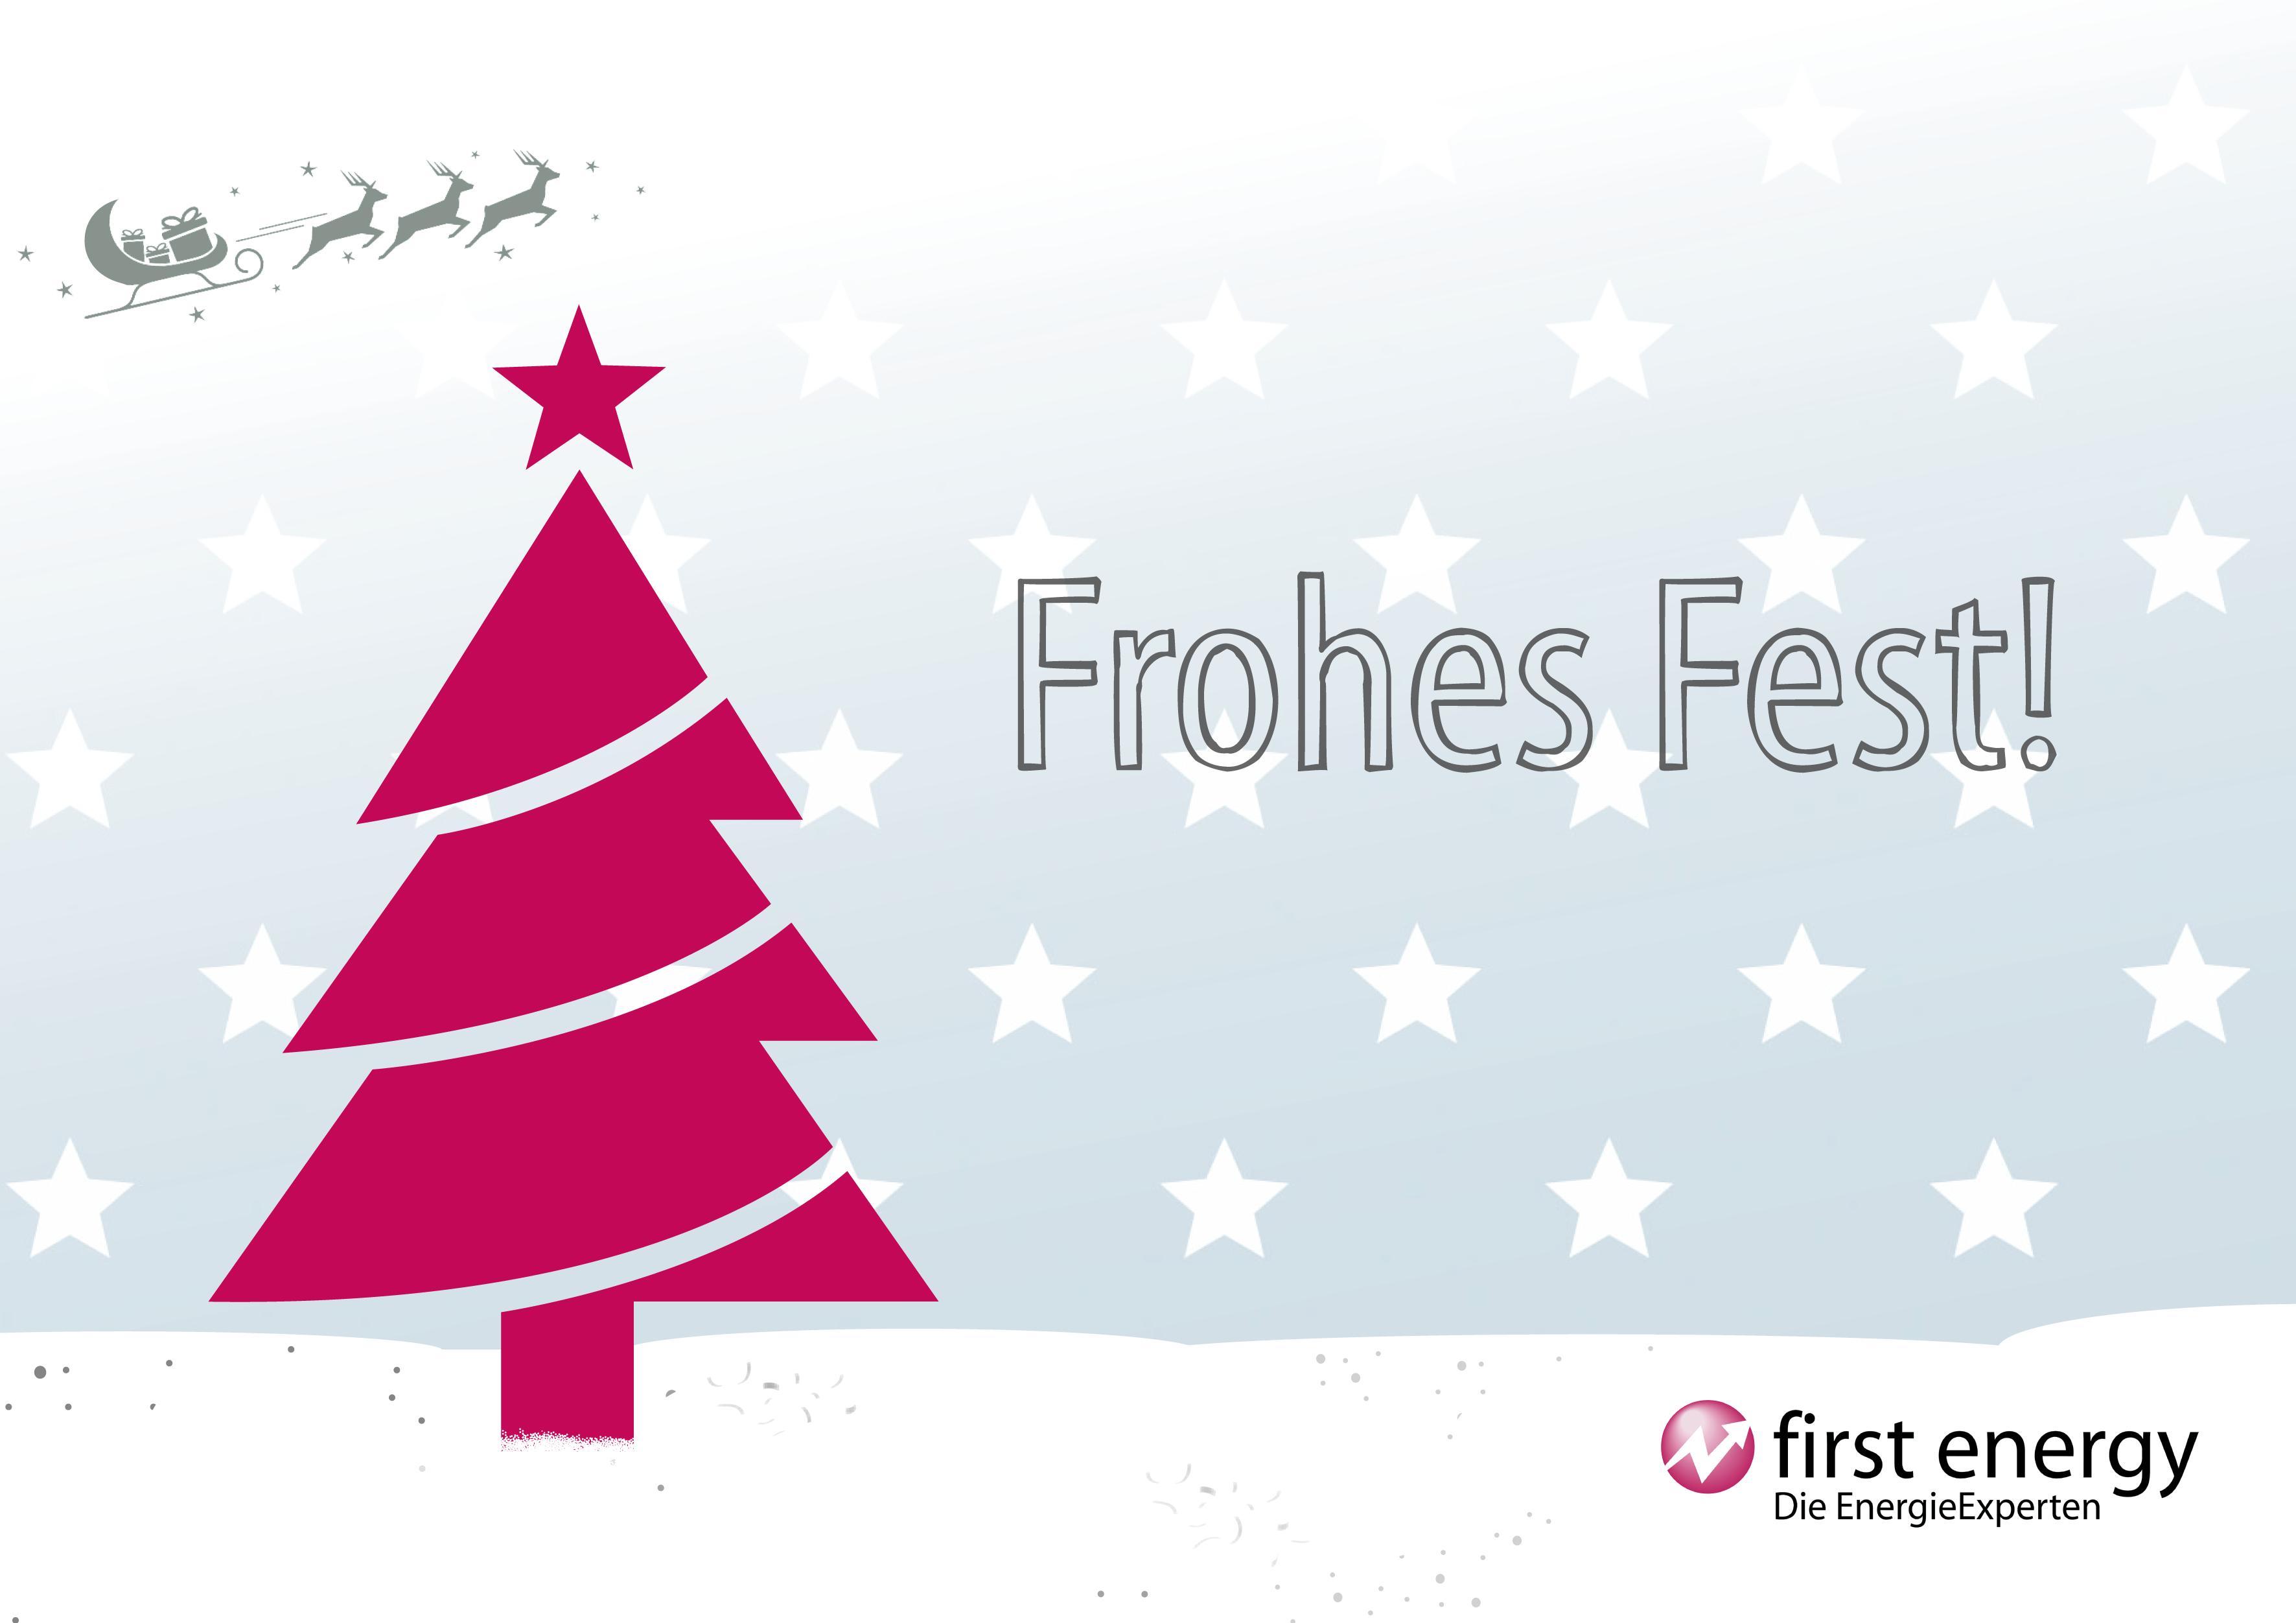 Frohe Weihnachten Wann Wünscht Man.First Energy Wünscht Allen Frohe Weihnachten